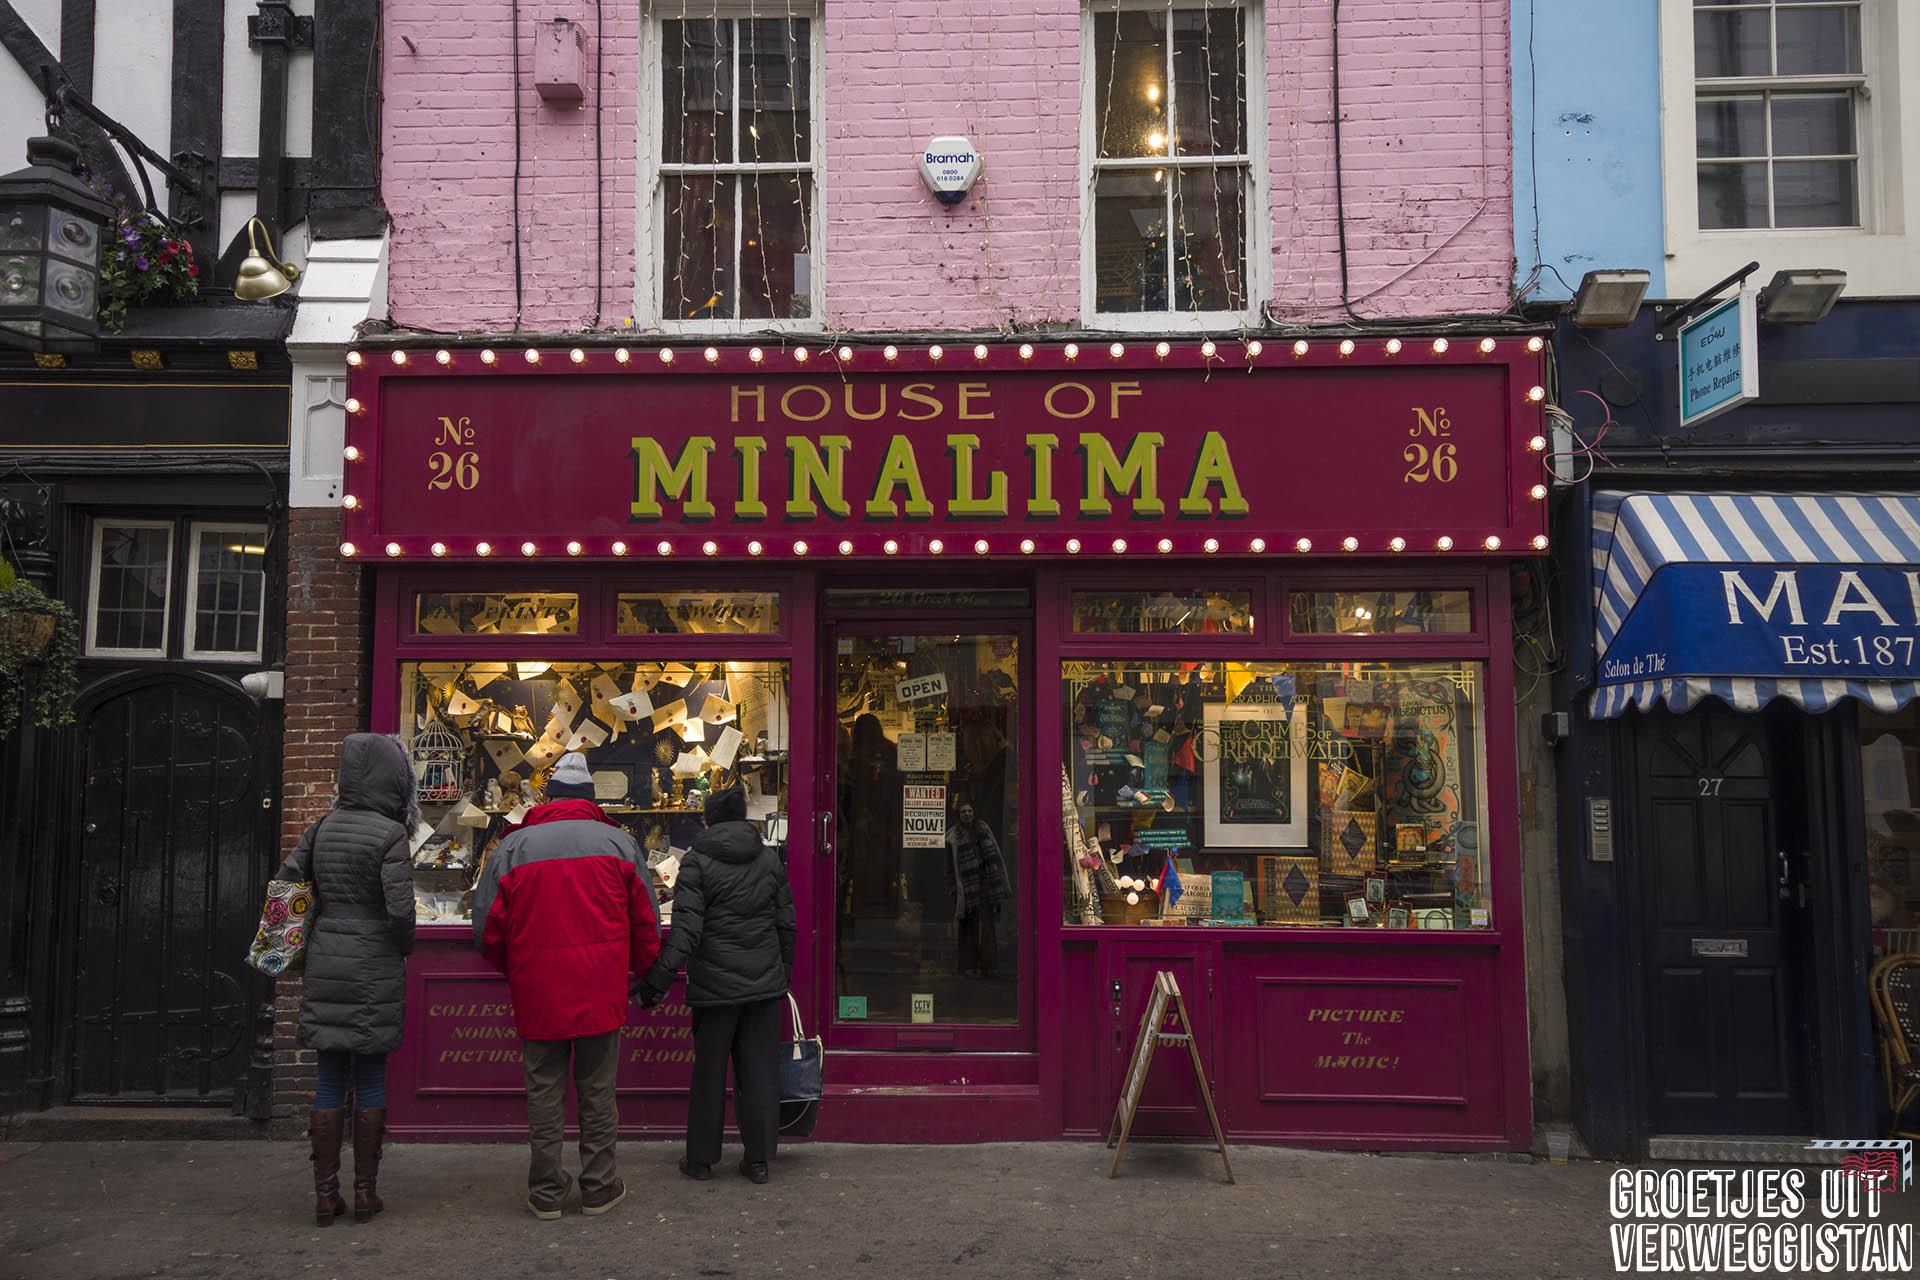 Roze gevel van House of MinaLima in Londen waar ze Harry Potter artwork tentoonstellen.